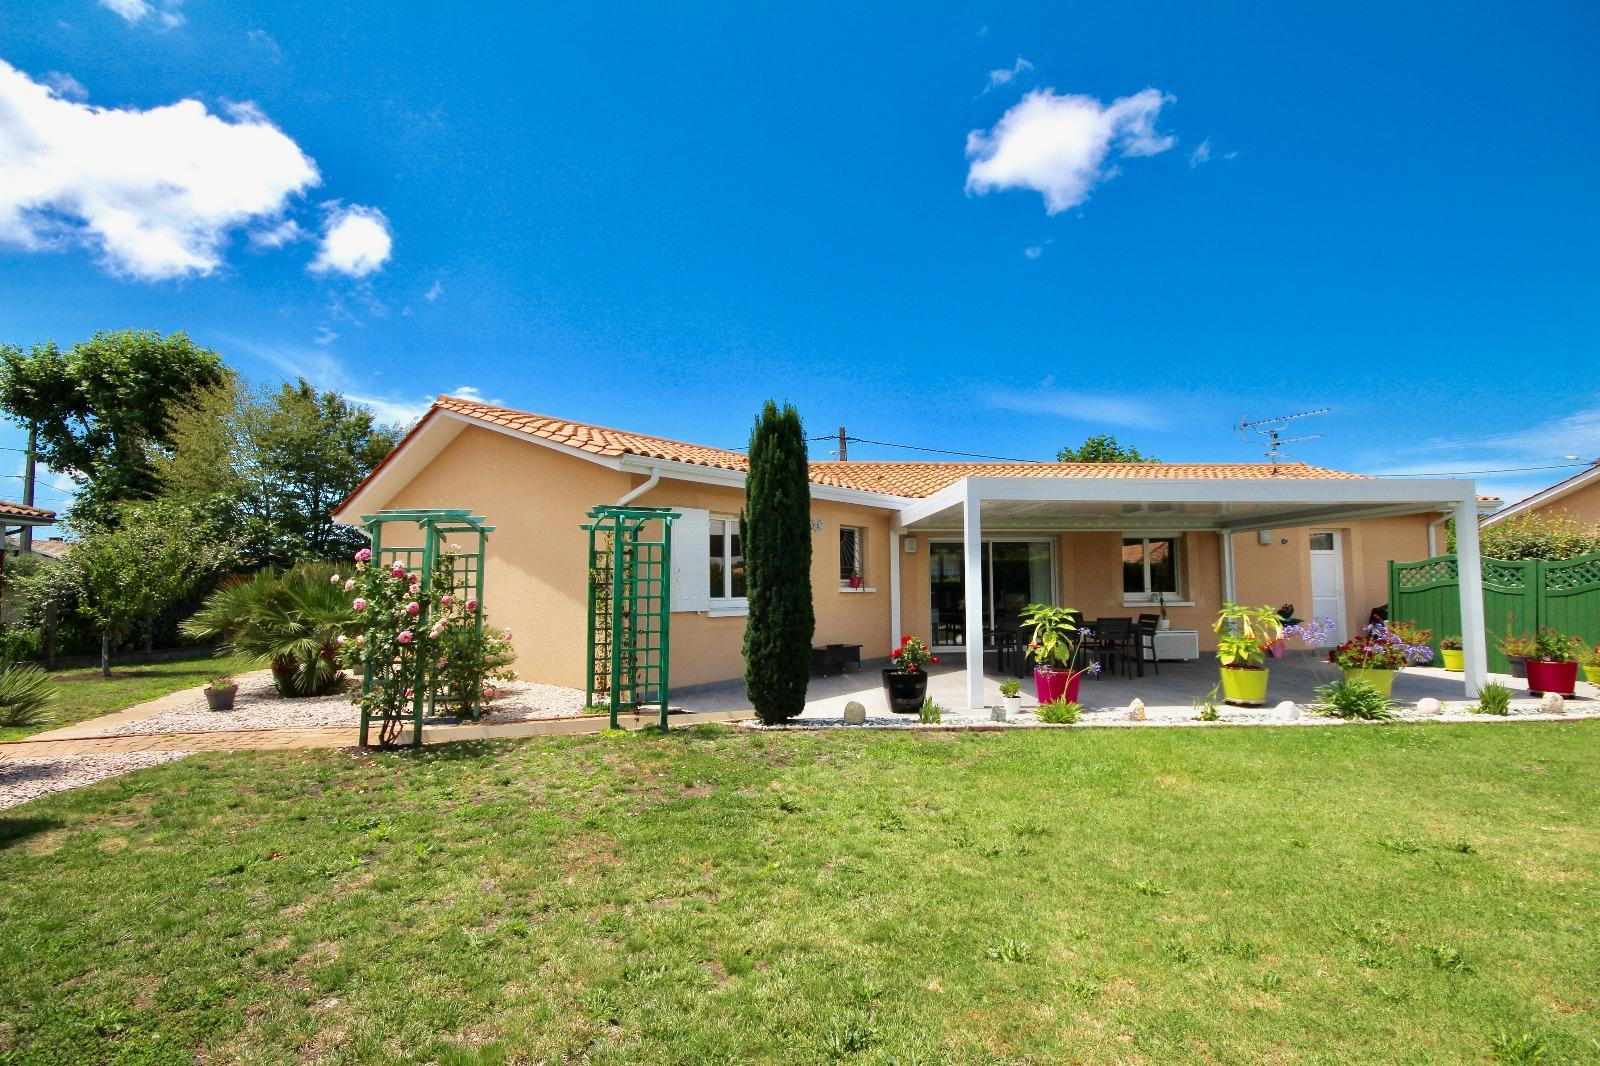 vente villa gujan mestras 33470 103m avec 4 pi ce s dont 3 chambre s sur 886m de terrain. Black Bedroom Furniture Sets. Home Design Ideas